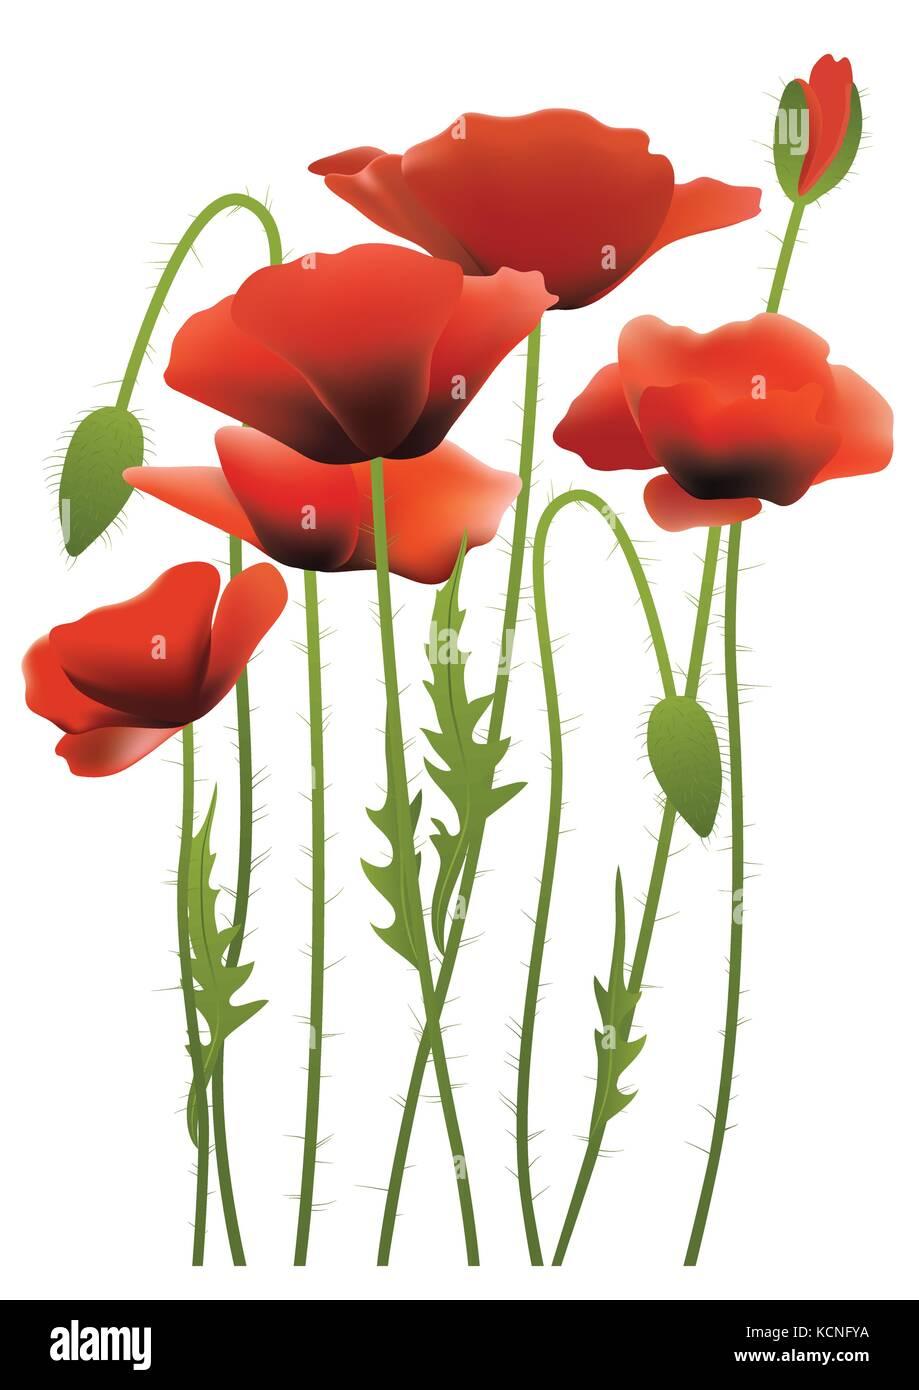 Red poppy flowers vector illustration stock vector art red poppy flowers vector illustration mightylinksfo